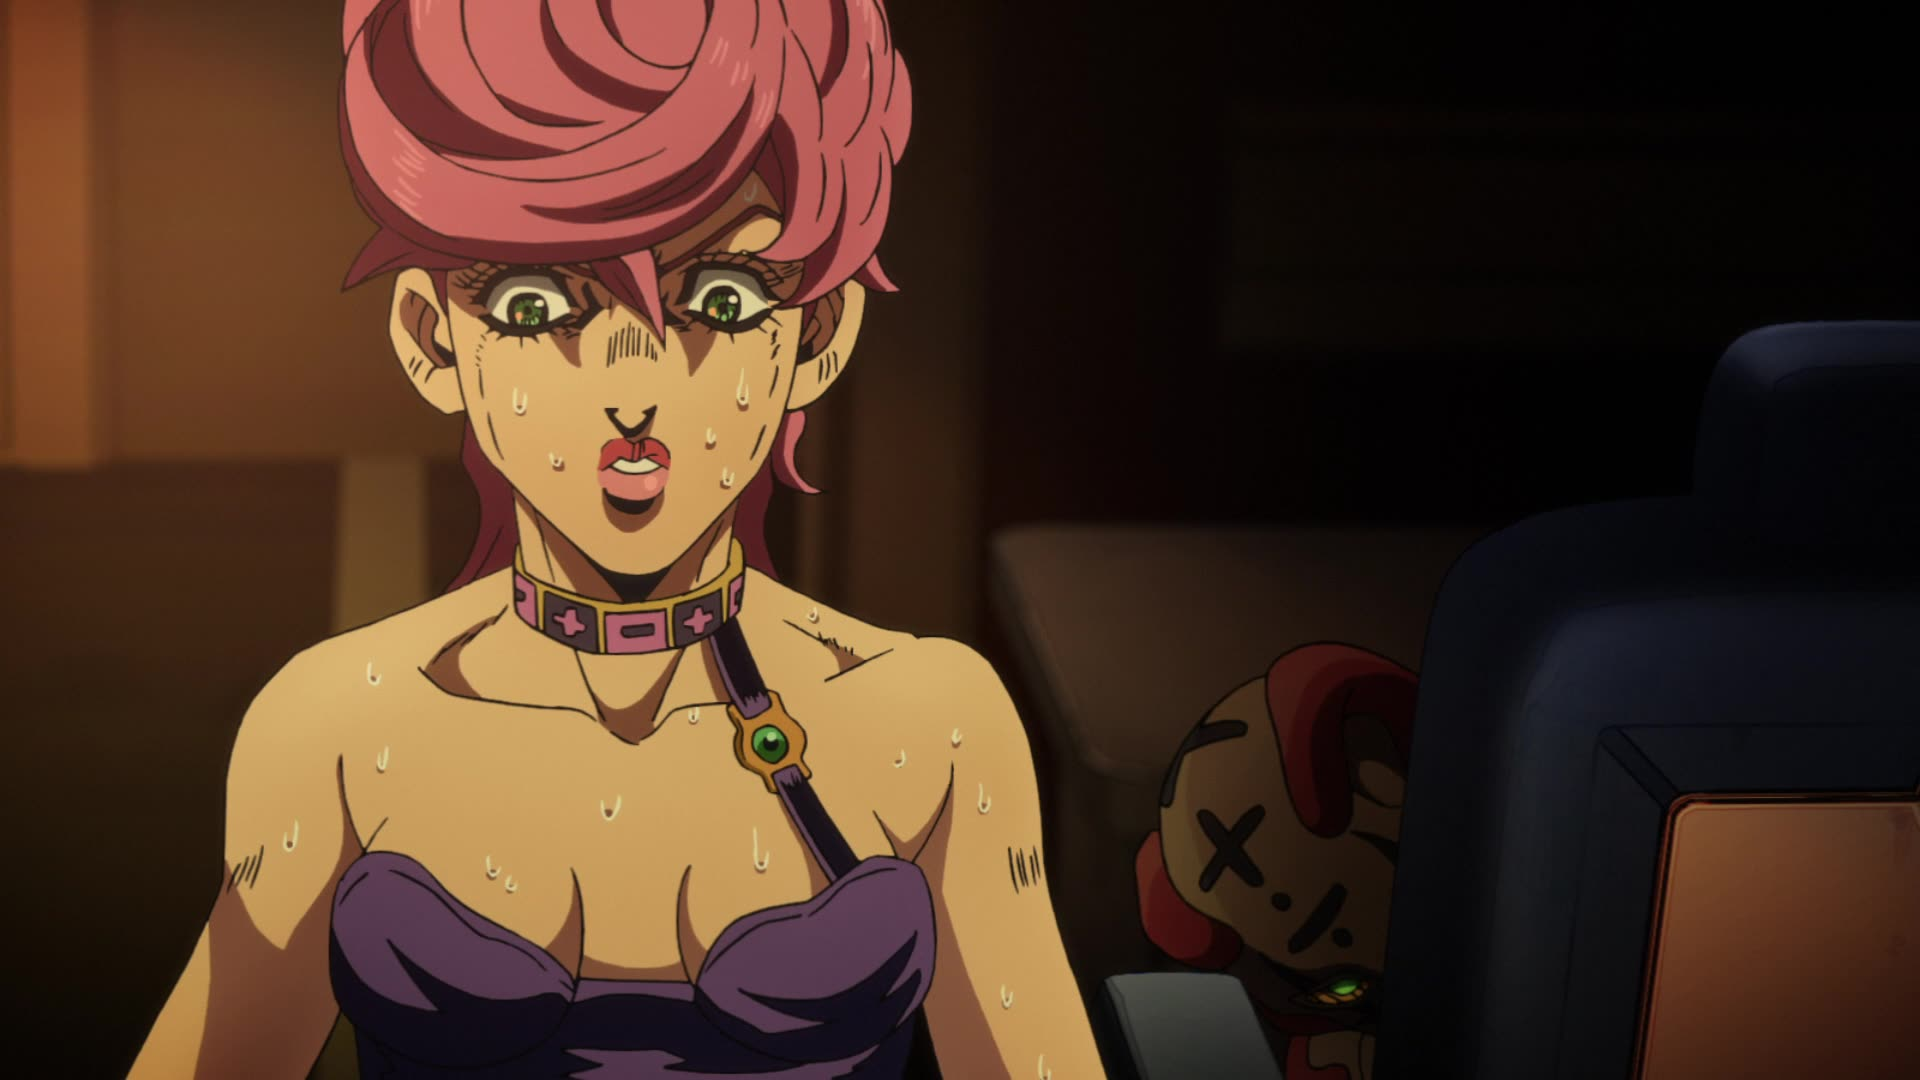 JoJo's Bizarre Adventure: Golden Wind Episode 25, Spicy Lady